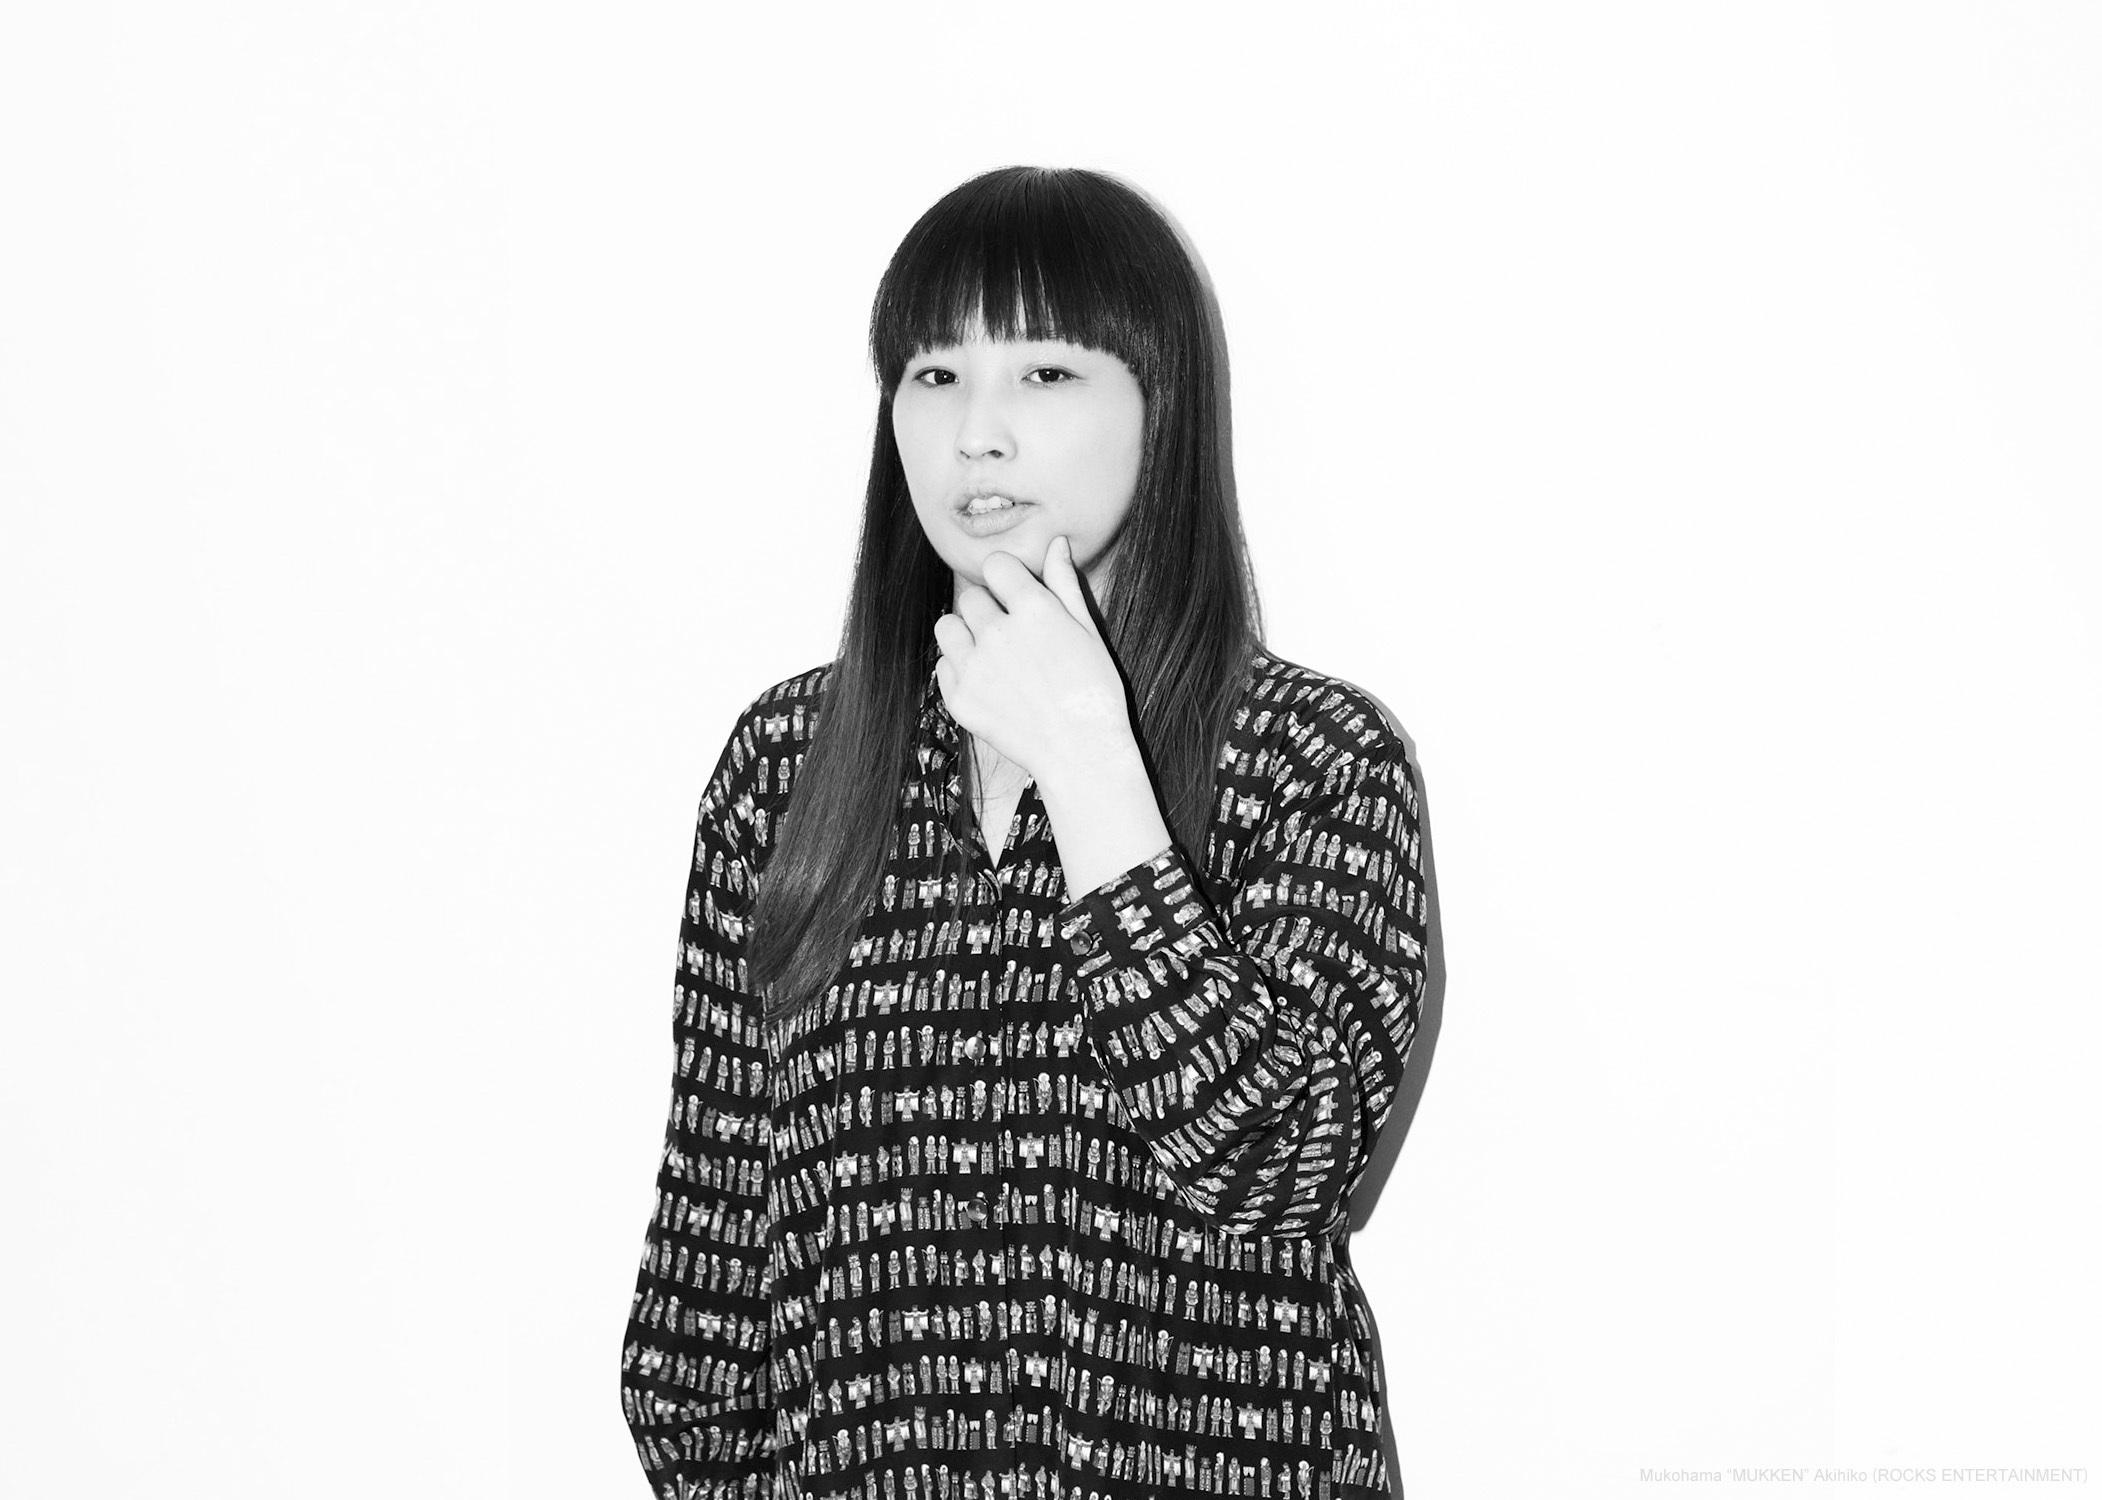 2019.12.6(金)20:00〜宮本菜津子(MASS OF THE FERMENTING DREGS)✖️石原正晴(SuiseiNoboAz)インストアライブ決定_a0087389_14354909.jpg